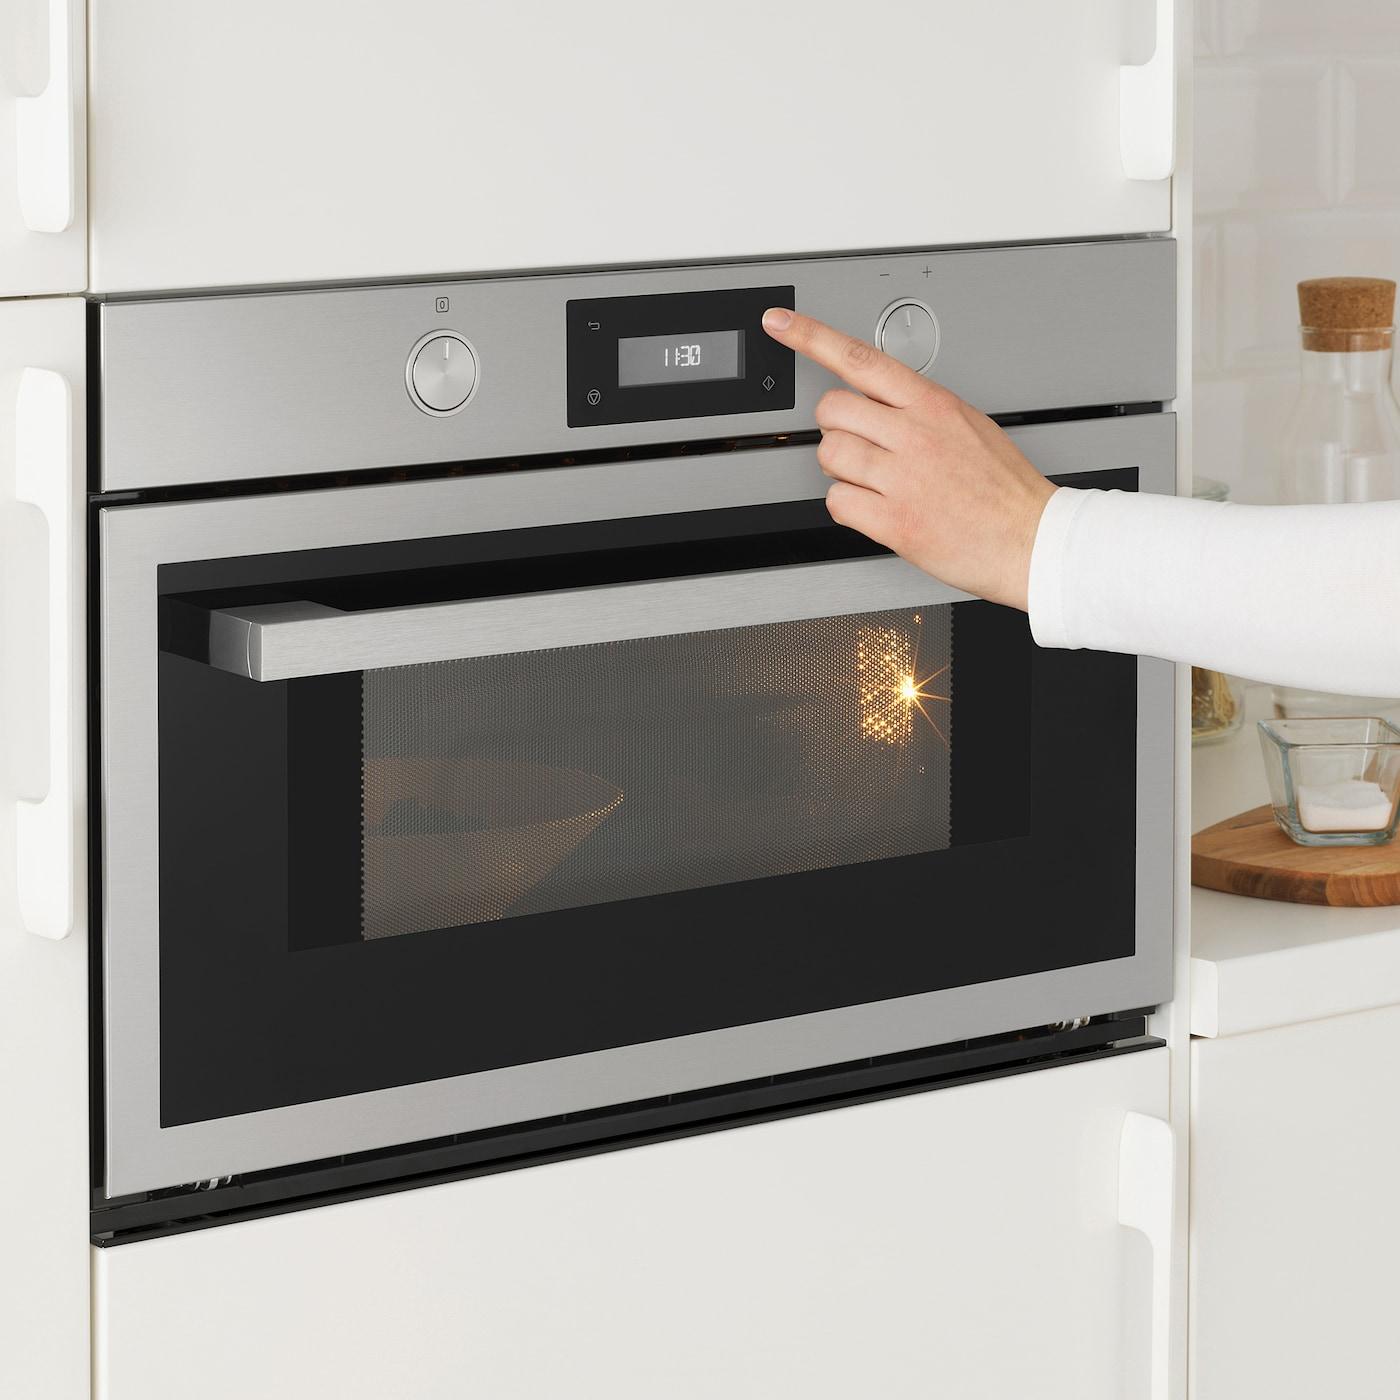 Anratta Mikrowelle Edelstahl Ikea Deutschland